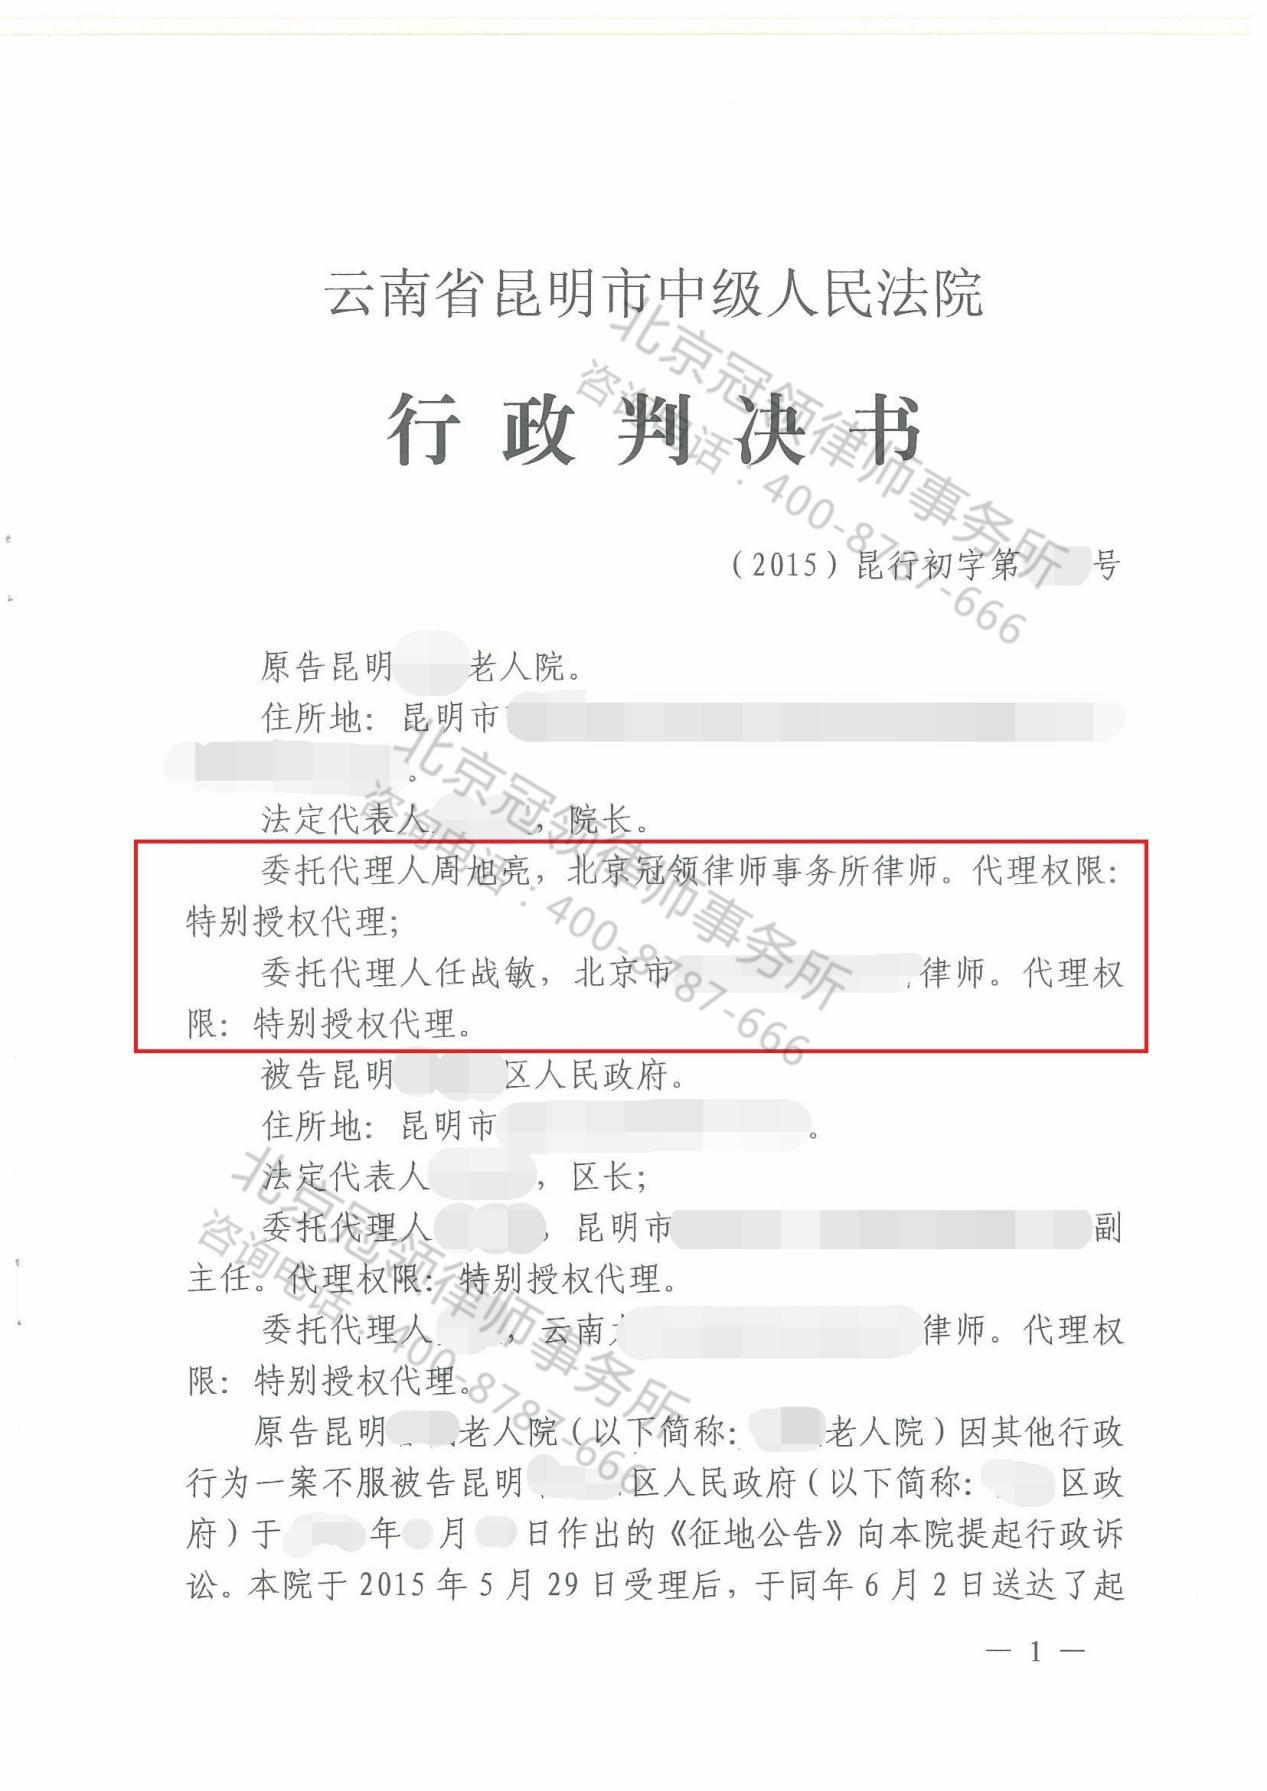 云南昆明拆迁律师;行政执行行为违法案胜诉